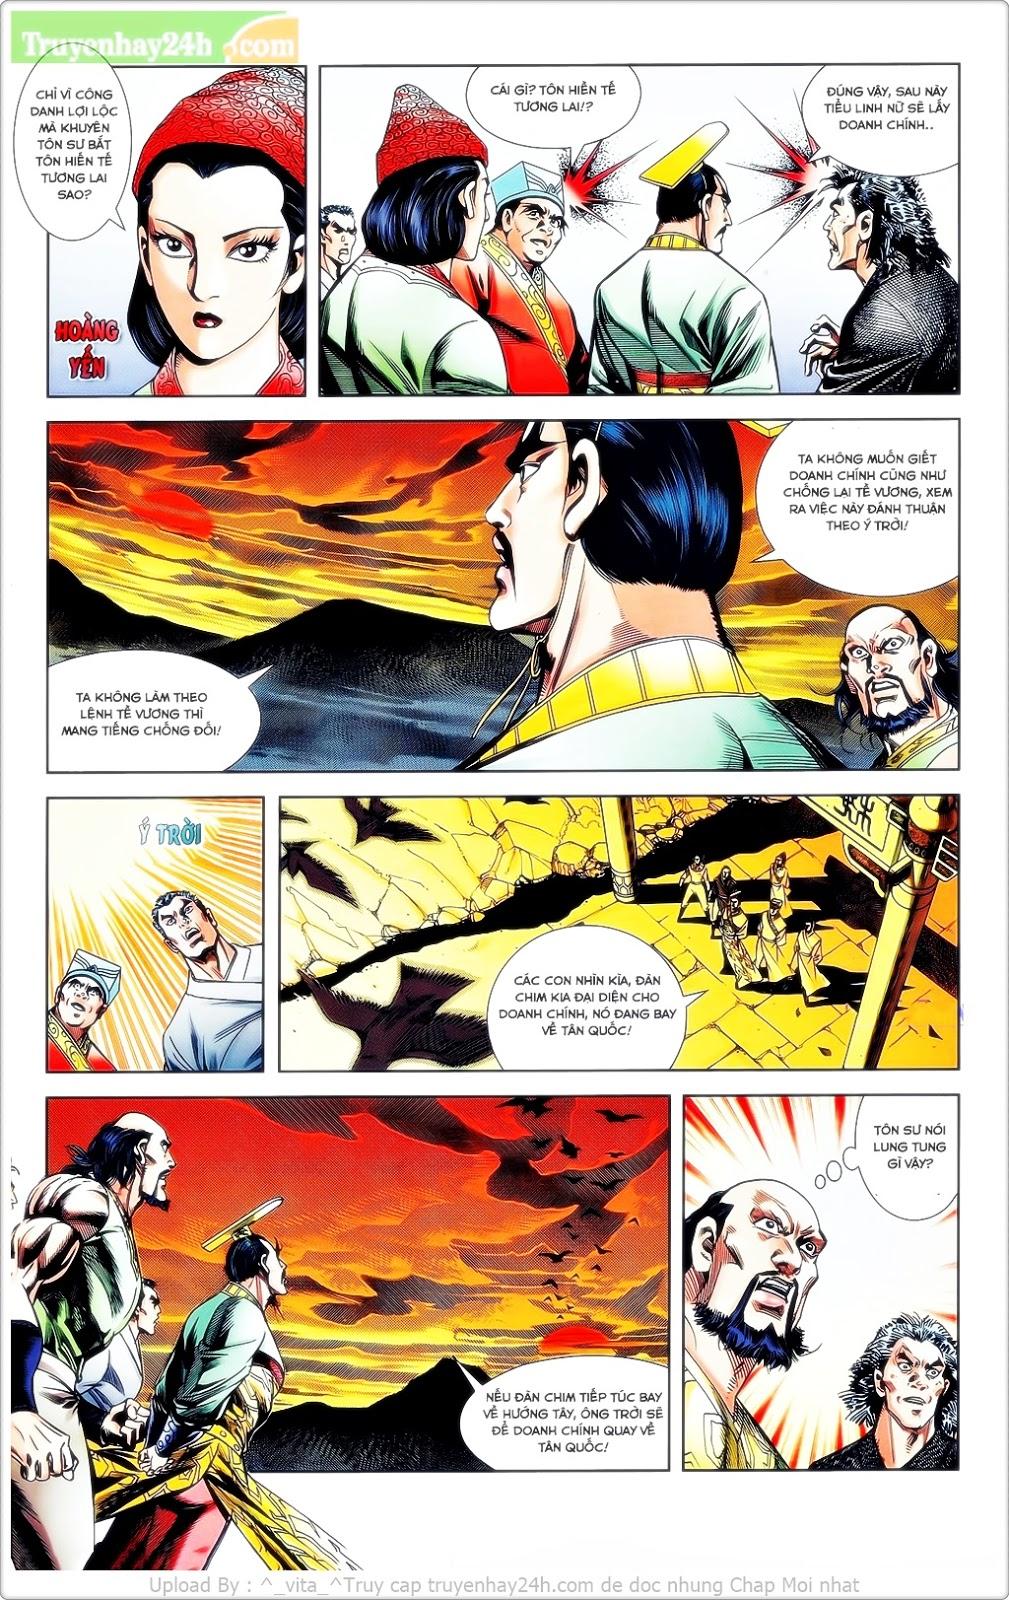 Tần Vương Doanh Chính chapter 23 trang 12